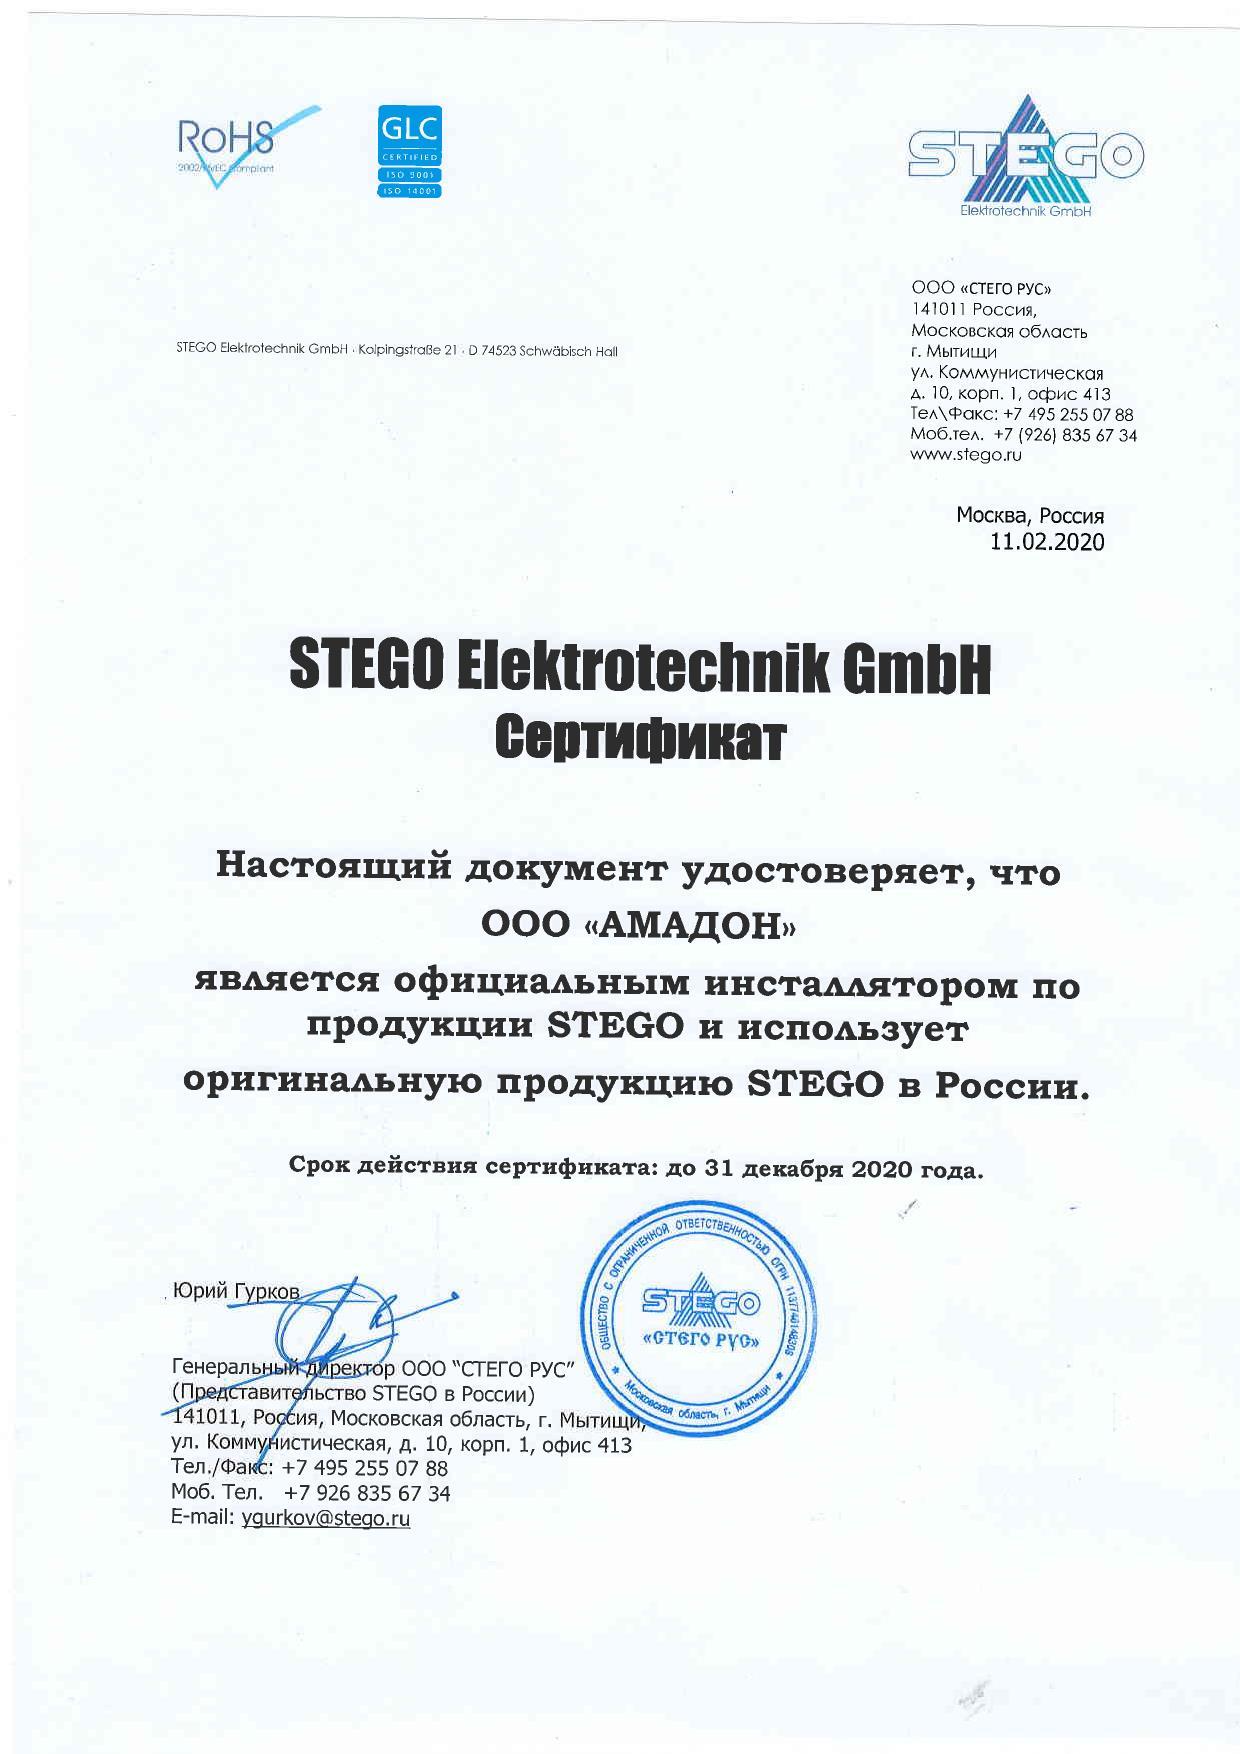 Сертификат официального инсталлятора Stego